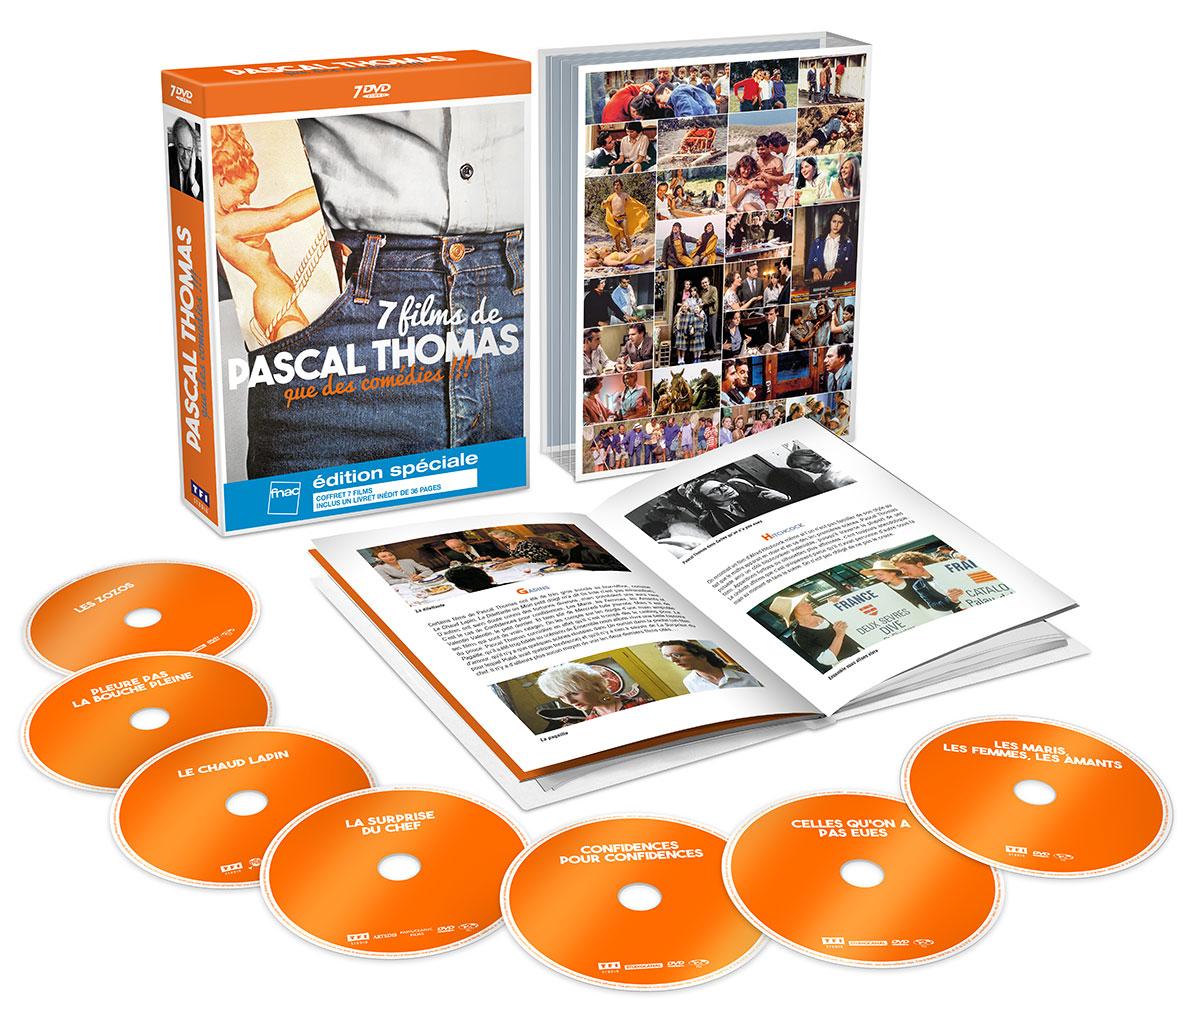 7 comédies de Pascal Thomas en coffret DVD (TF1 Vidéo)